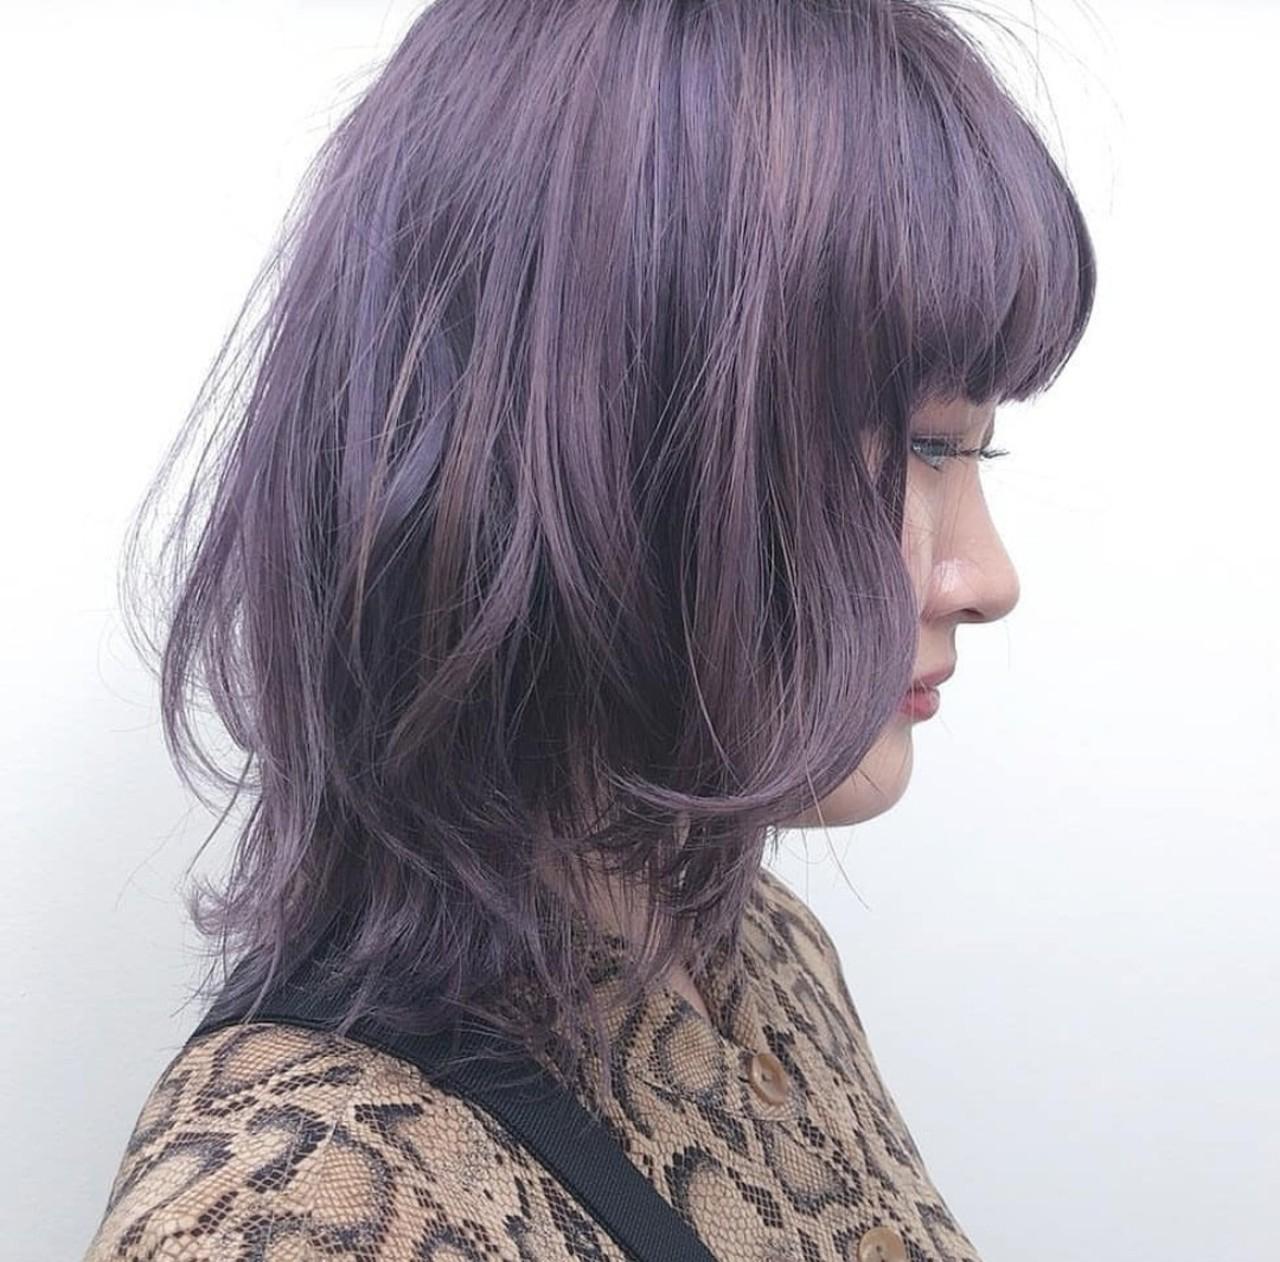 ミディアム ストリート アッシュ パープル ヘアスタイルや髪型の写真・画像 | Yusuke Matsumoto / HAIR'S Lunetta 心斎橋